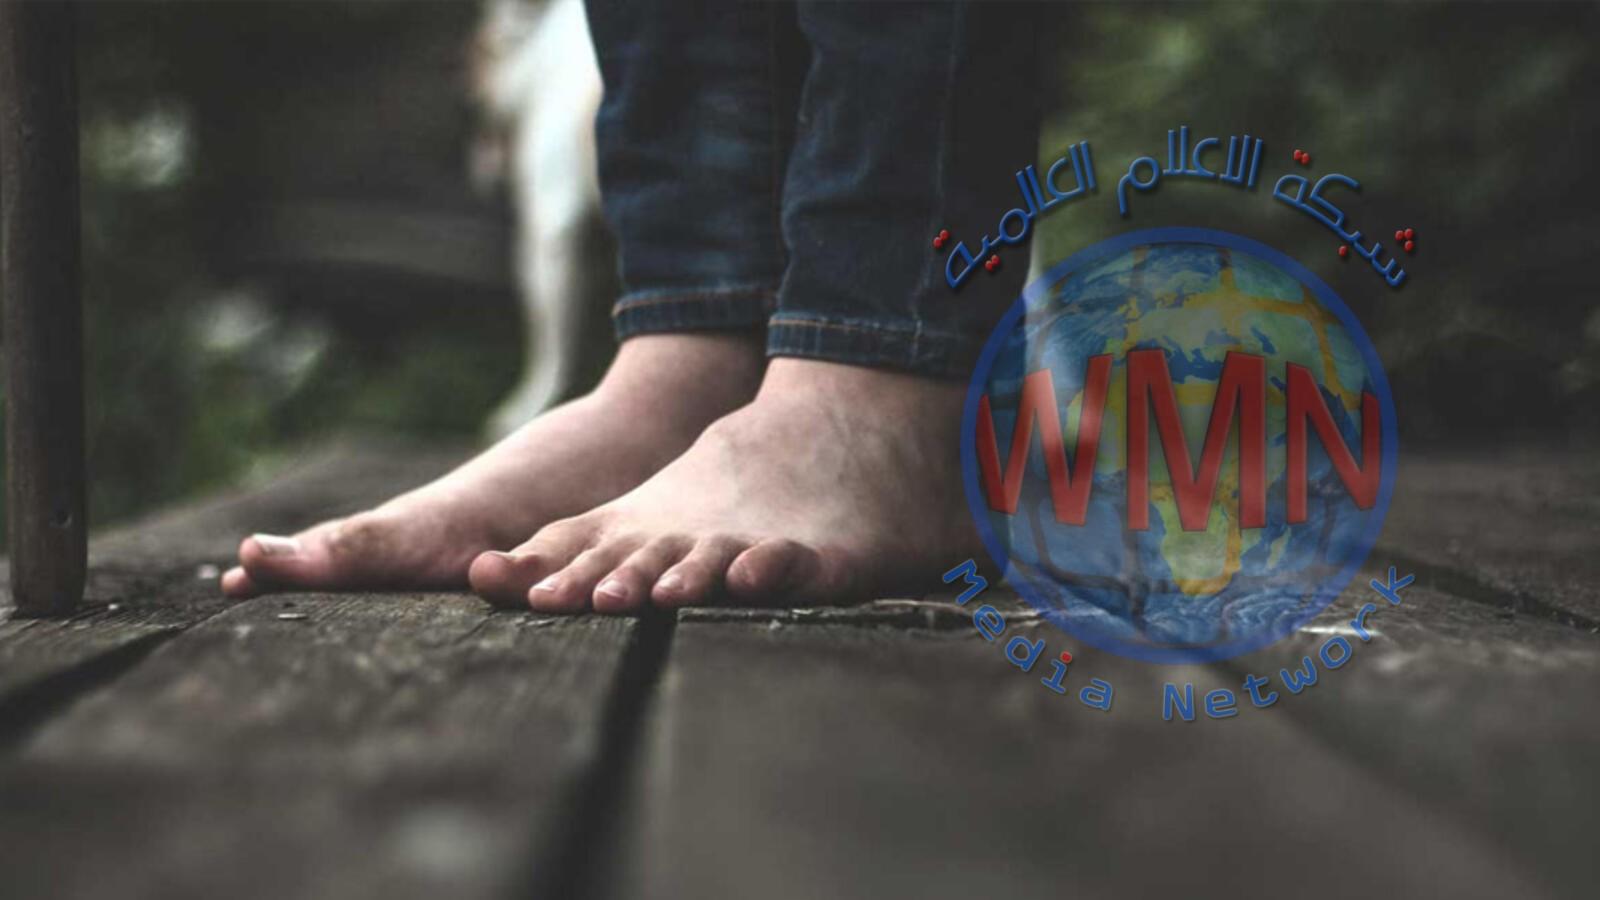 الإمارات.. مشرفة مدرسة تجبر تلميذًا على المشي حافيًا وغرامة مالية بانتظارها